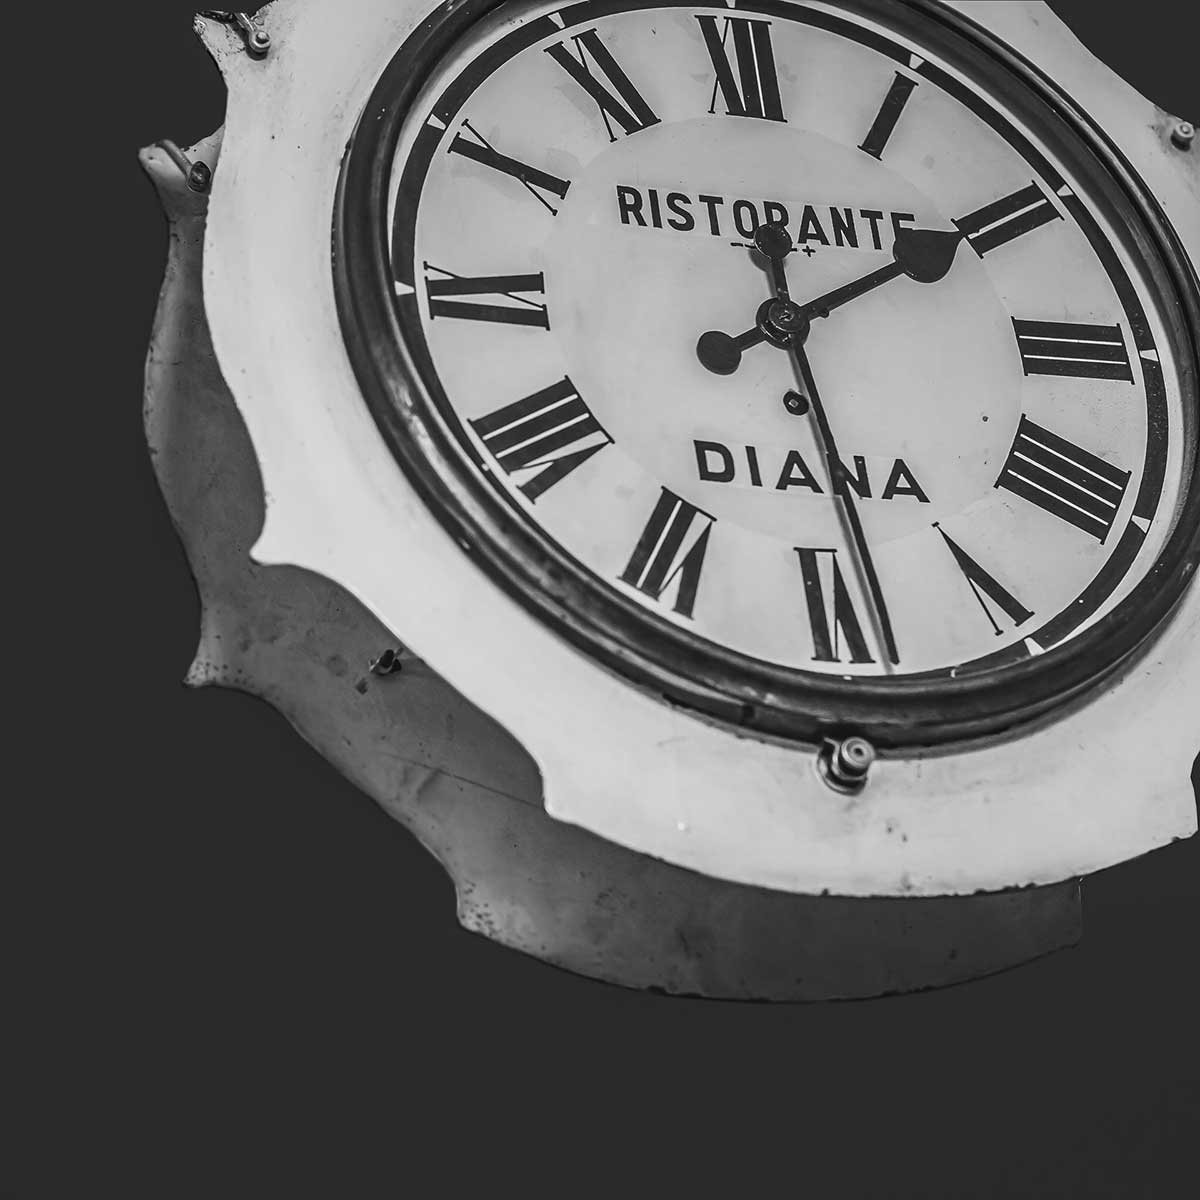 Ristorante Diana Bologna